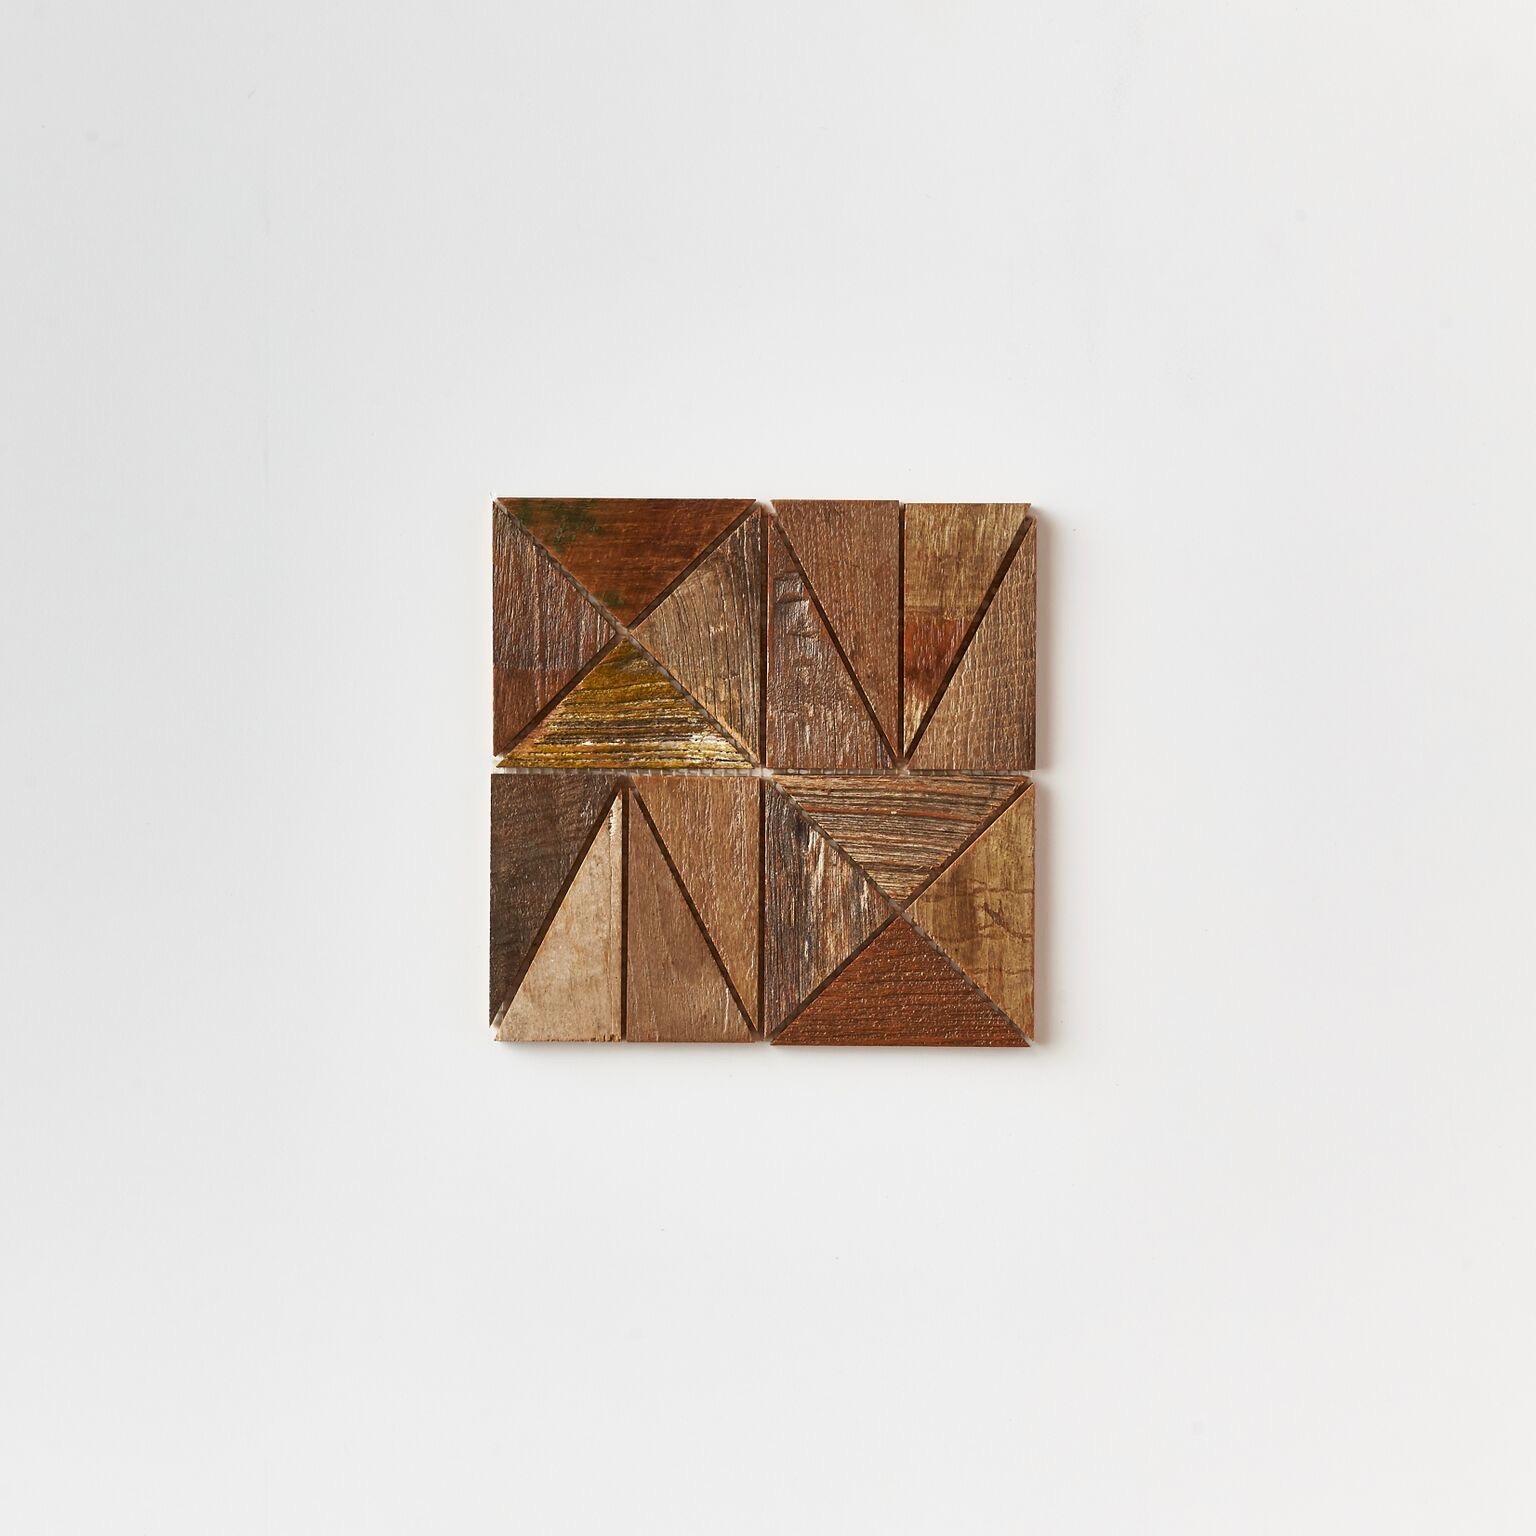 unspecified 1 - Teak Tile - Rune